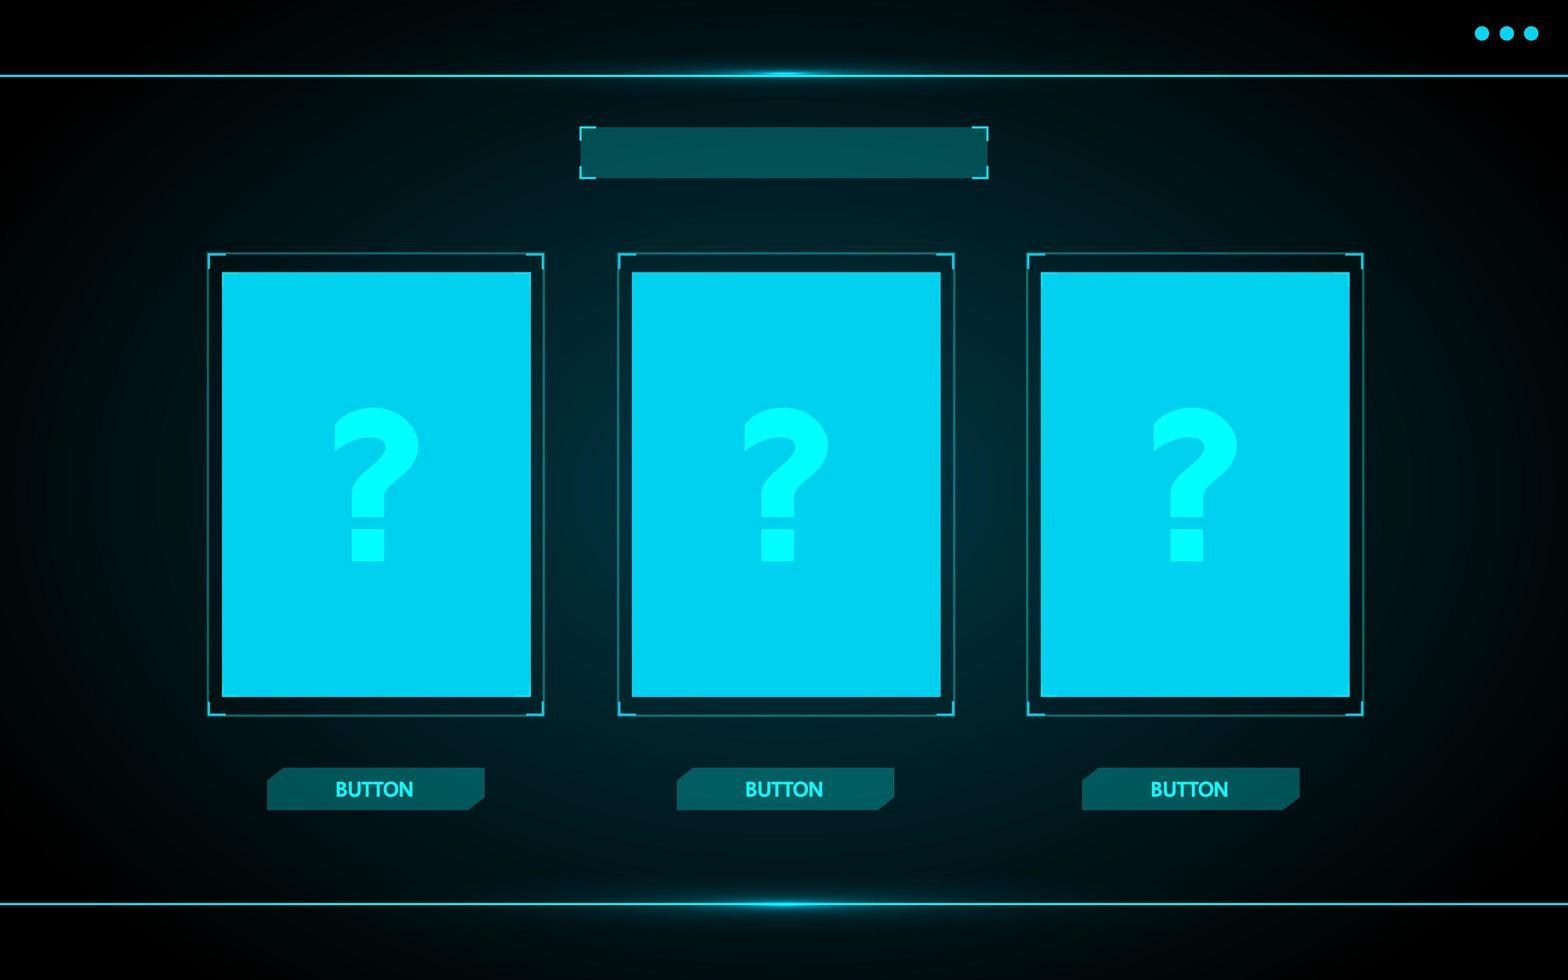 scegli un'interfaccia utente di gioco di carte hud vettore